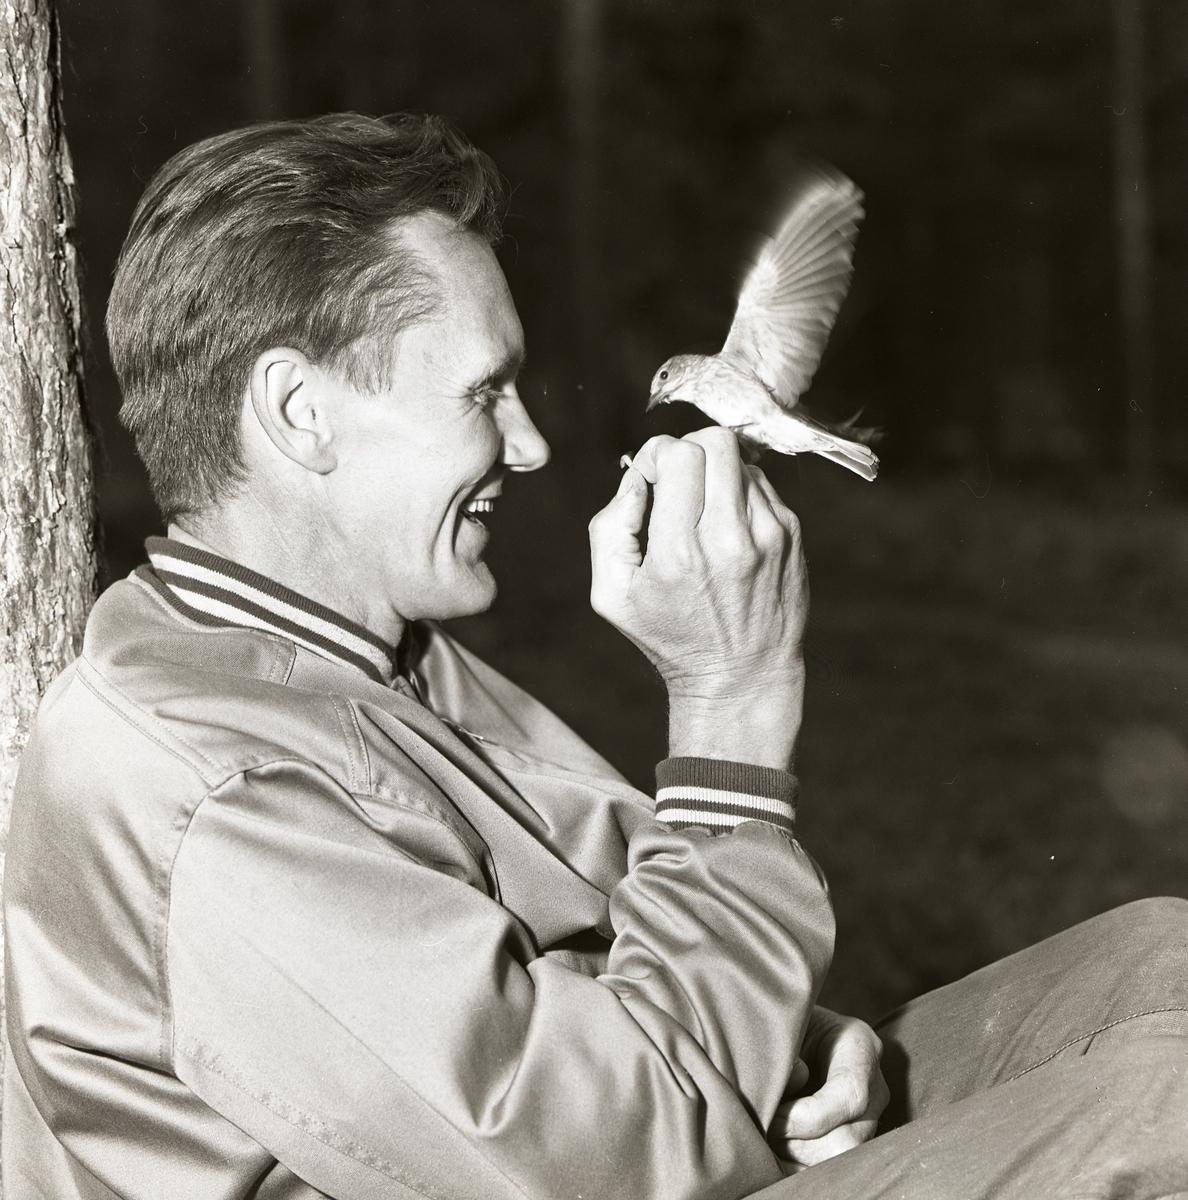 Hilding Mickelsson sitter vid ett träd och matar en fågel.